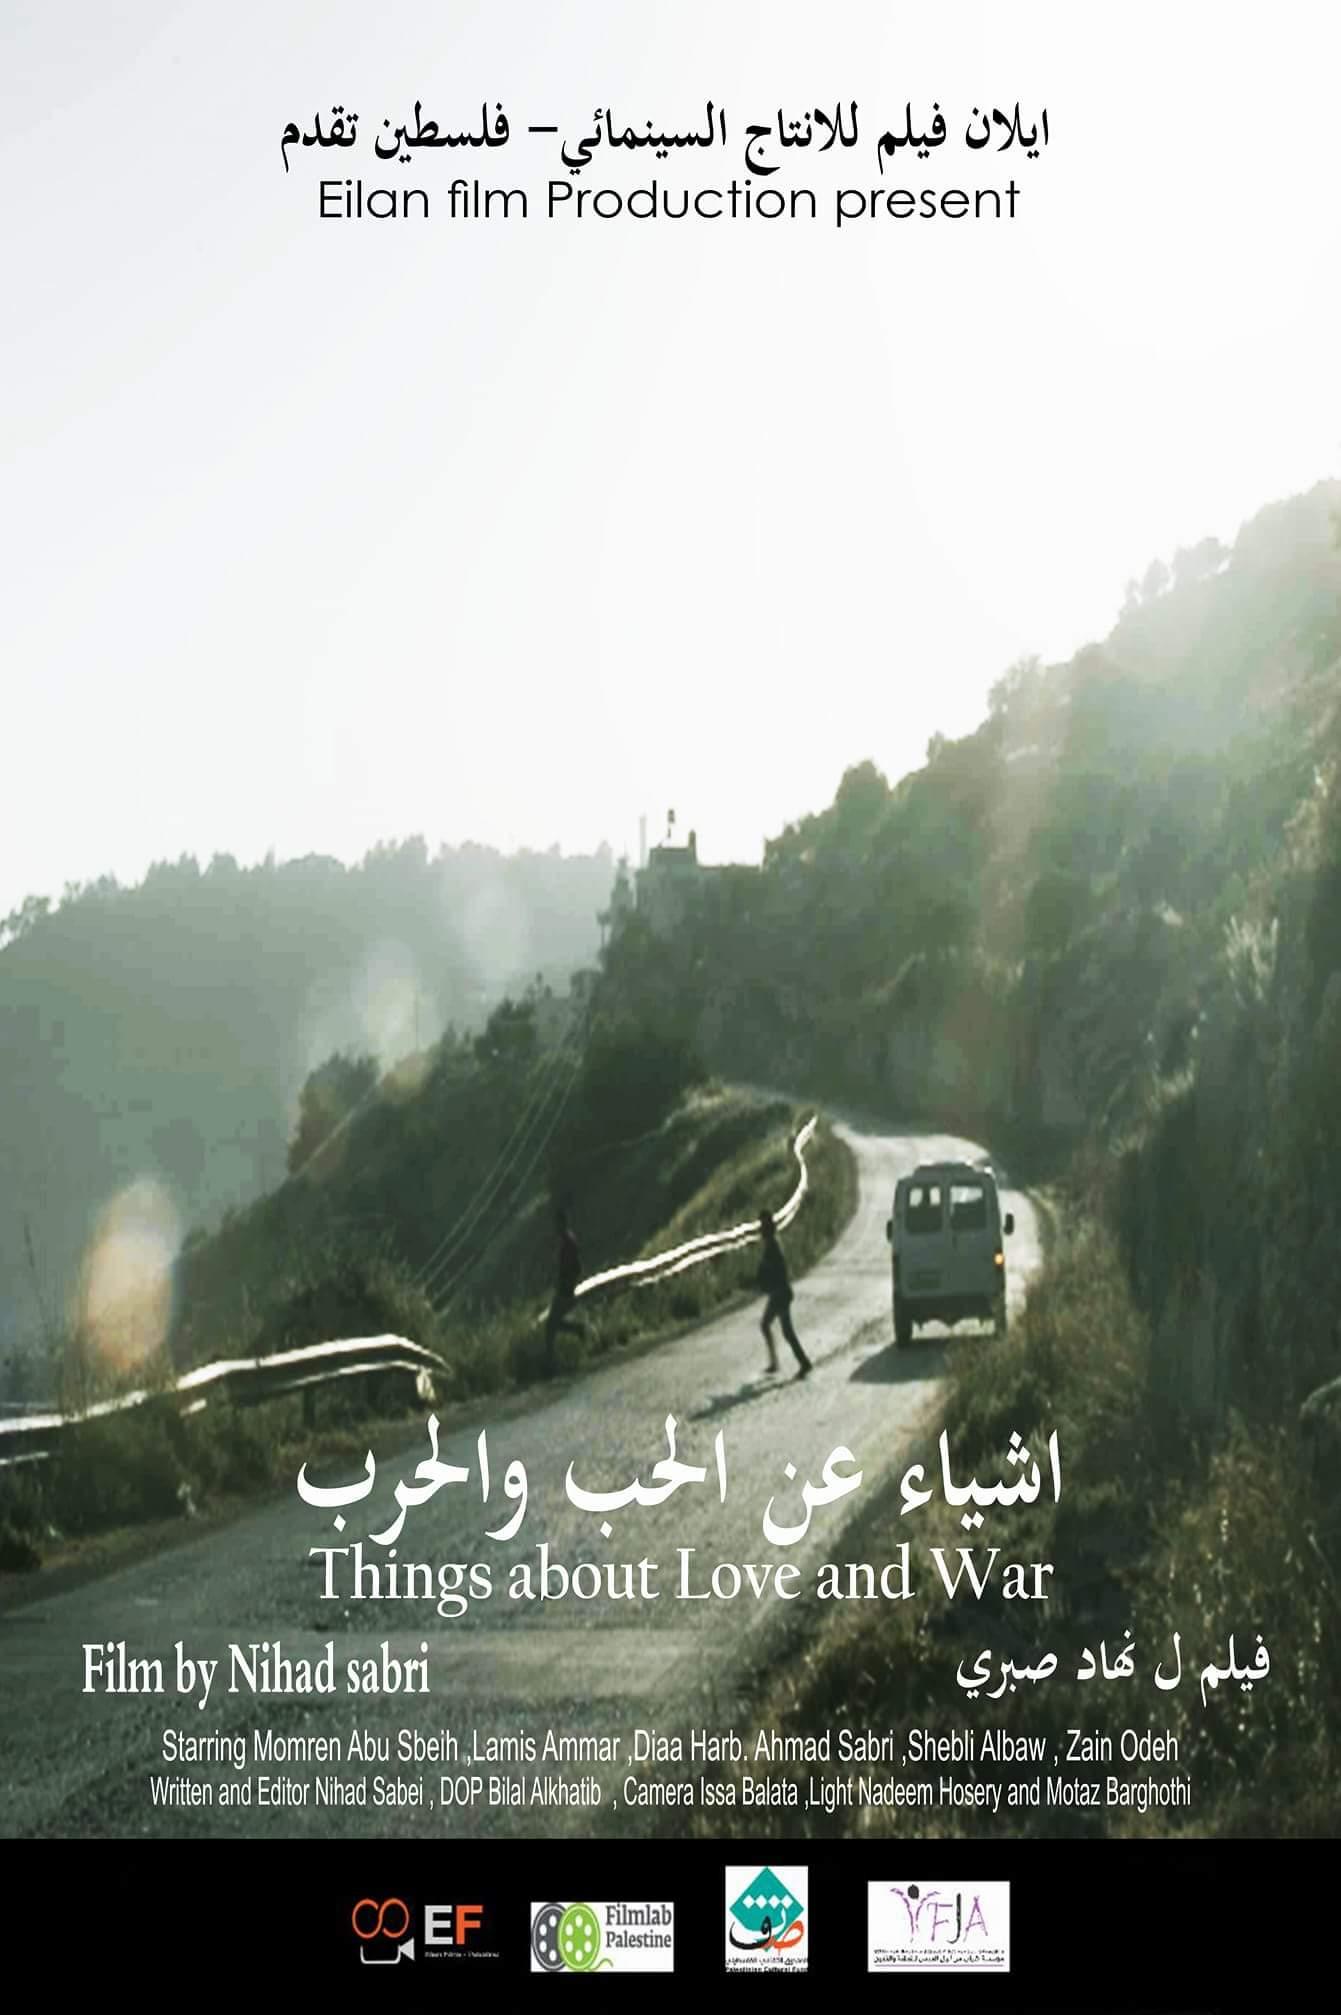 """الفيلم الفلسطيني """"أشياء عن الحب والحرب"""" للمخرج نهاد صبري"""